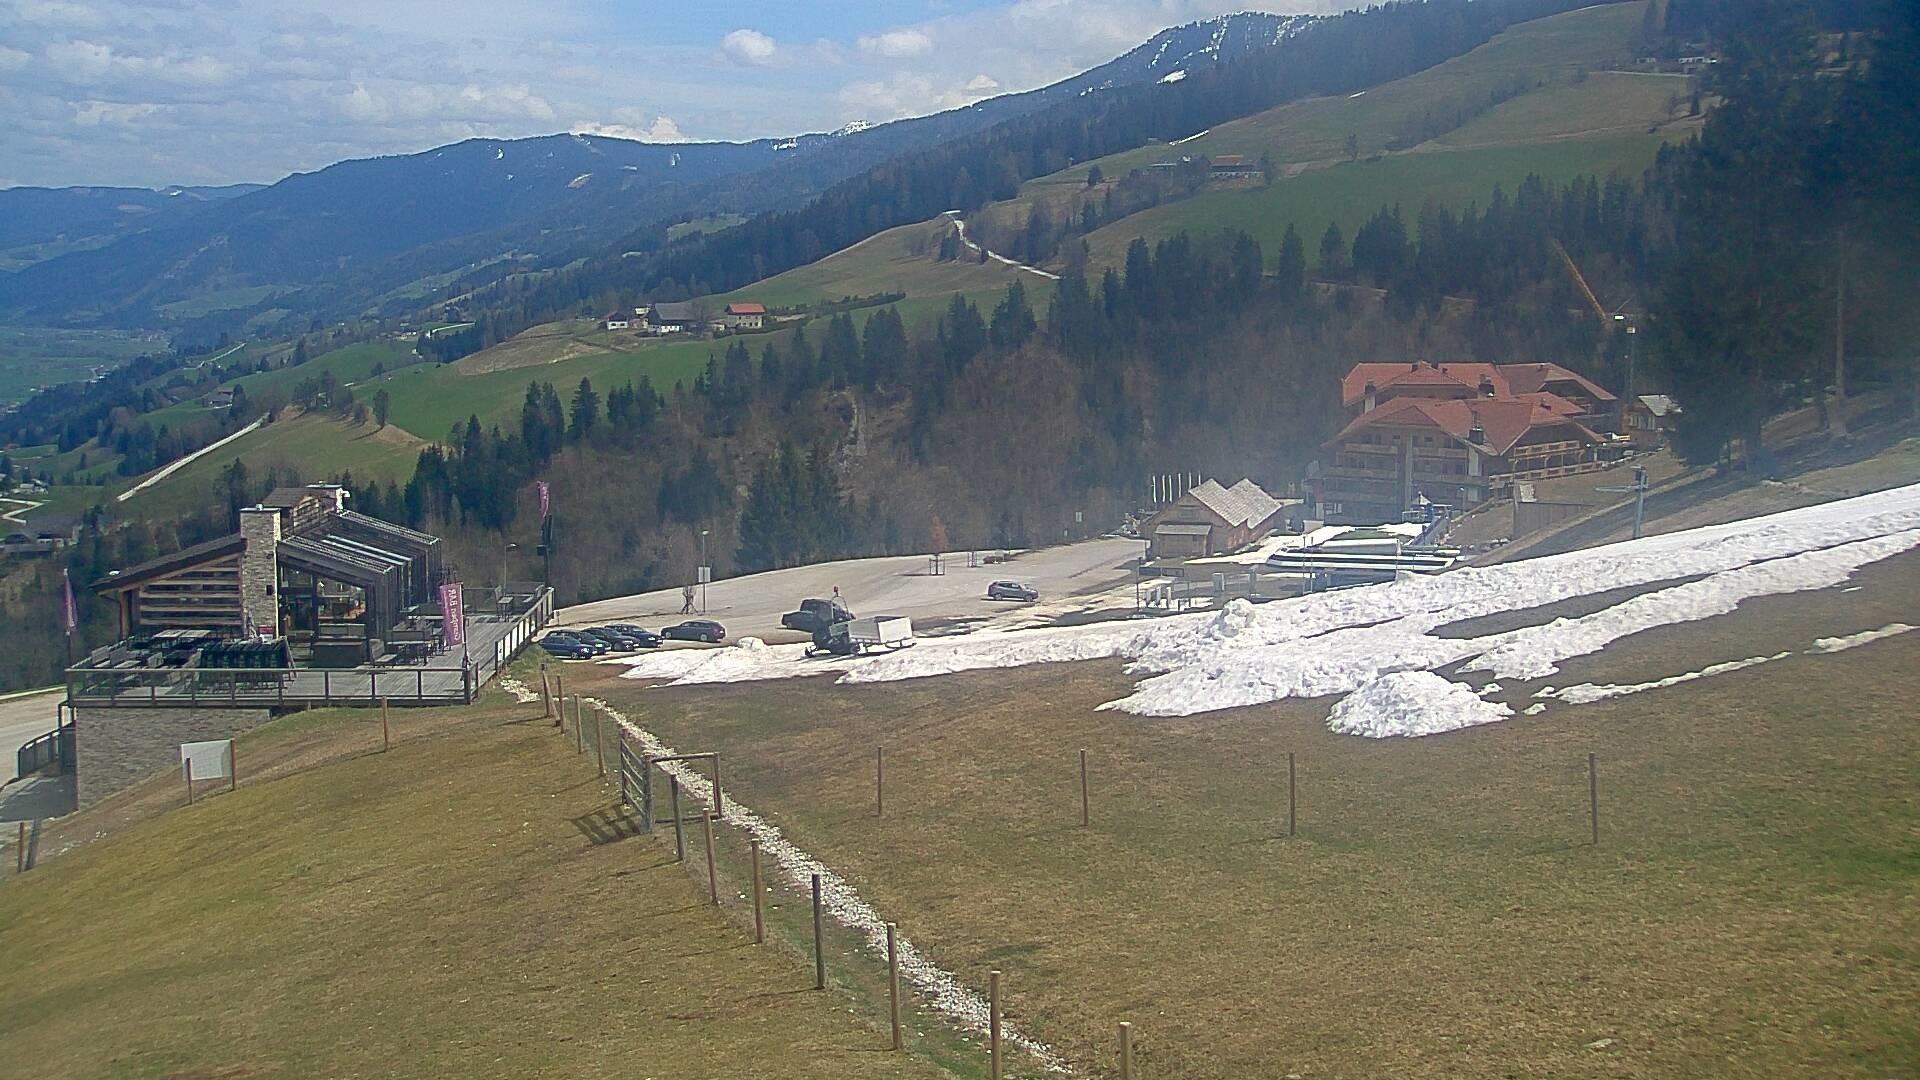 Webcam Hauser Kaibling Gumpenbar und Hotel Höflehner